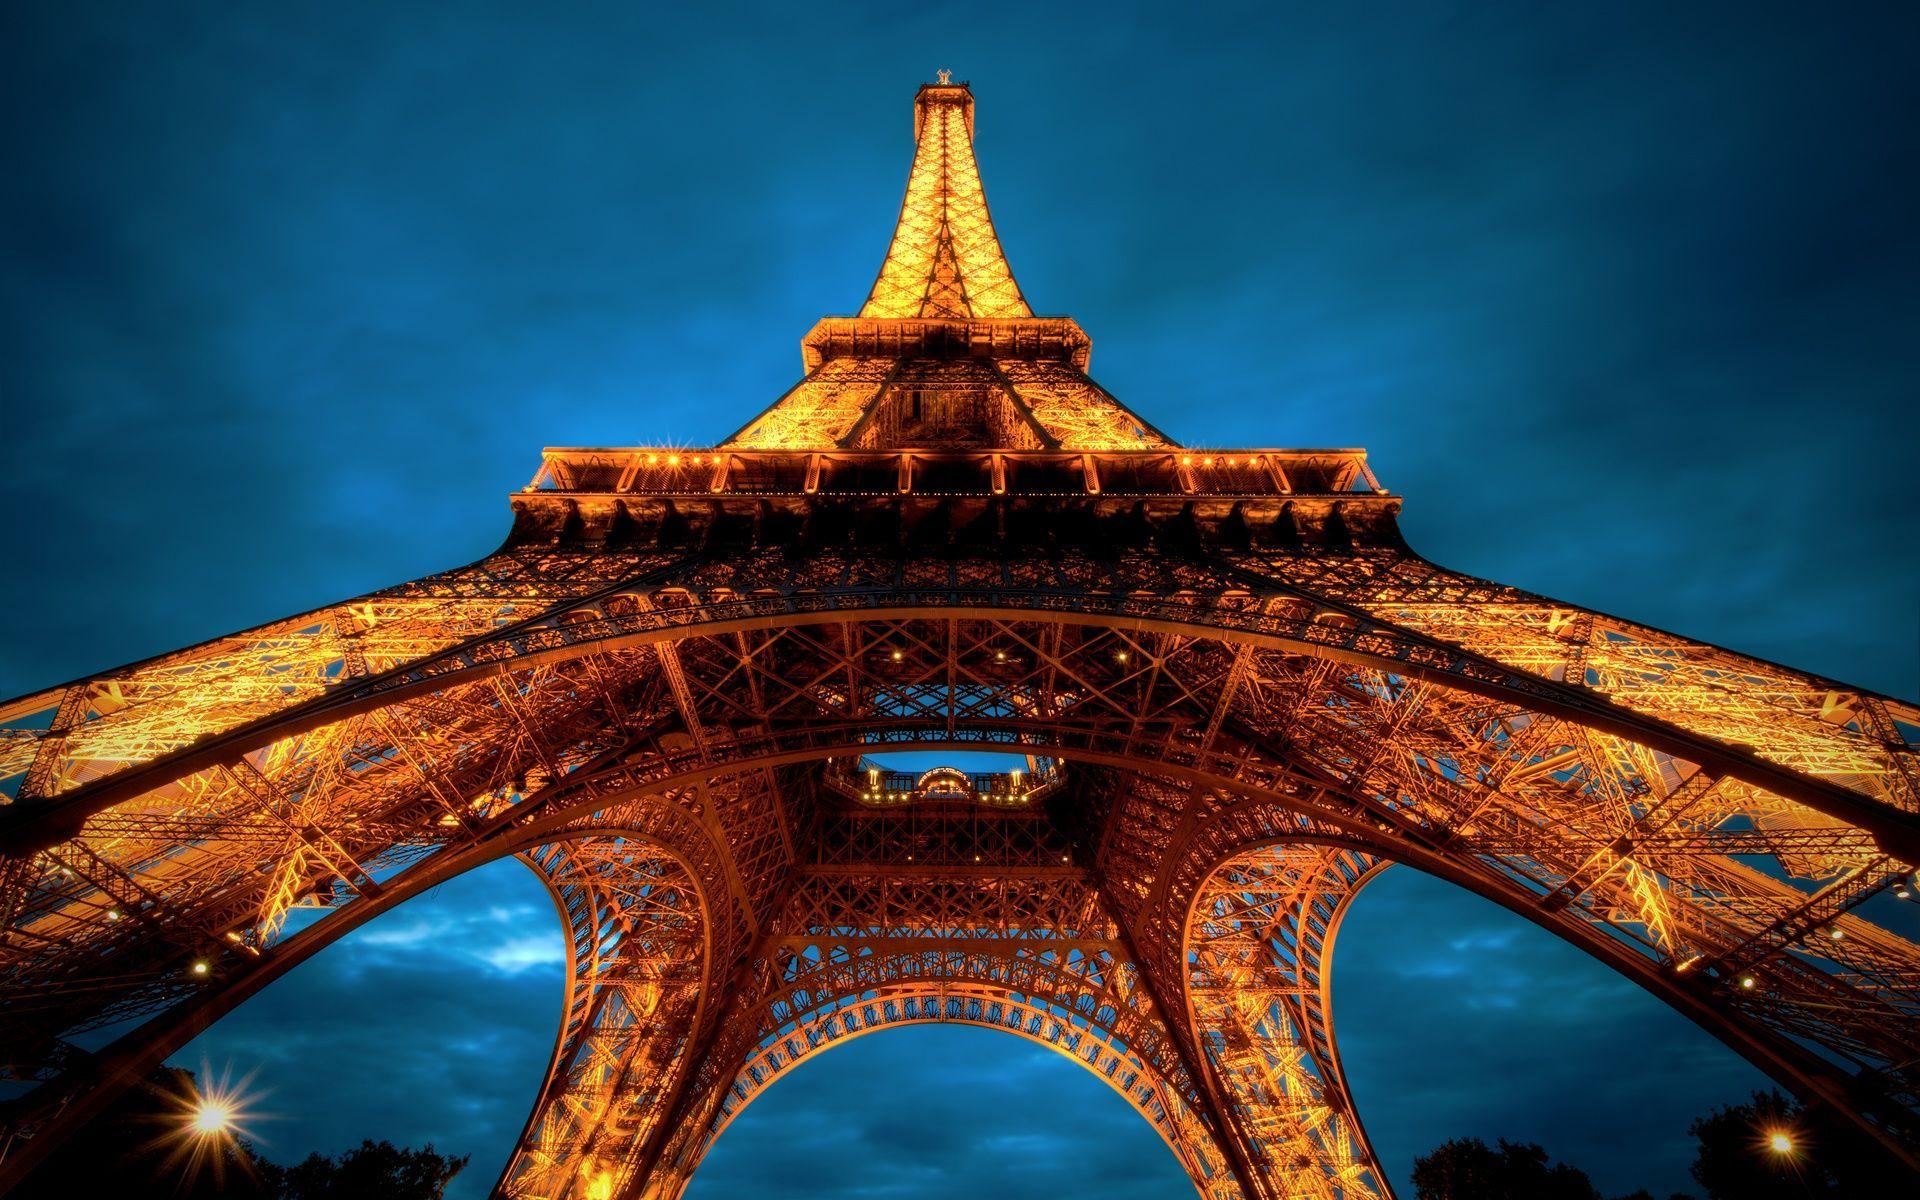 ¿Cuántos escalones tiene la Torre Eiffel desde la base hasta la cima?